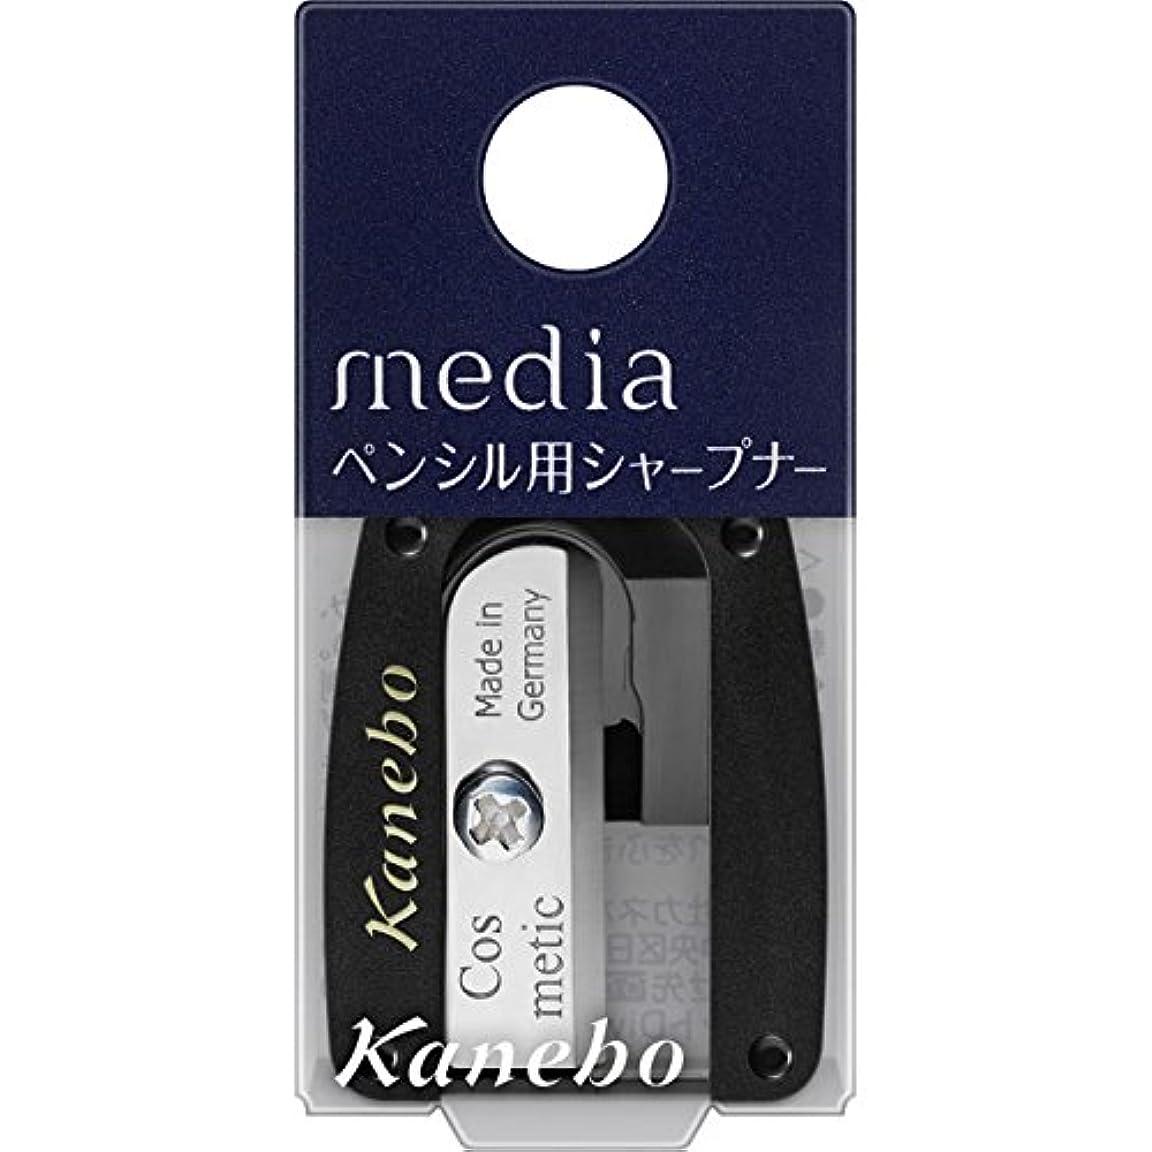 マインドスピーチかかわらず【カネボウ】 メディア ペンシル用シャープナー